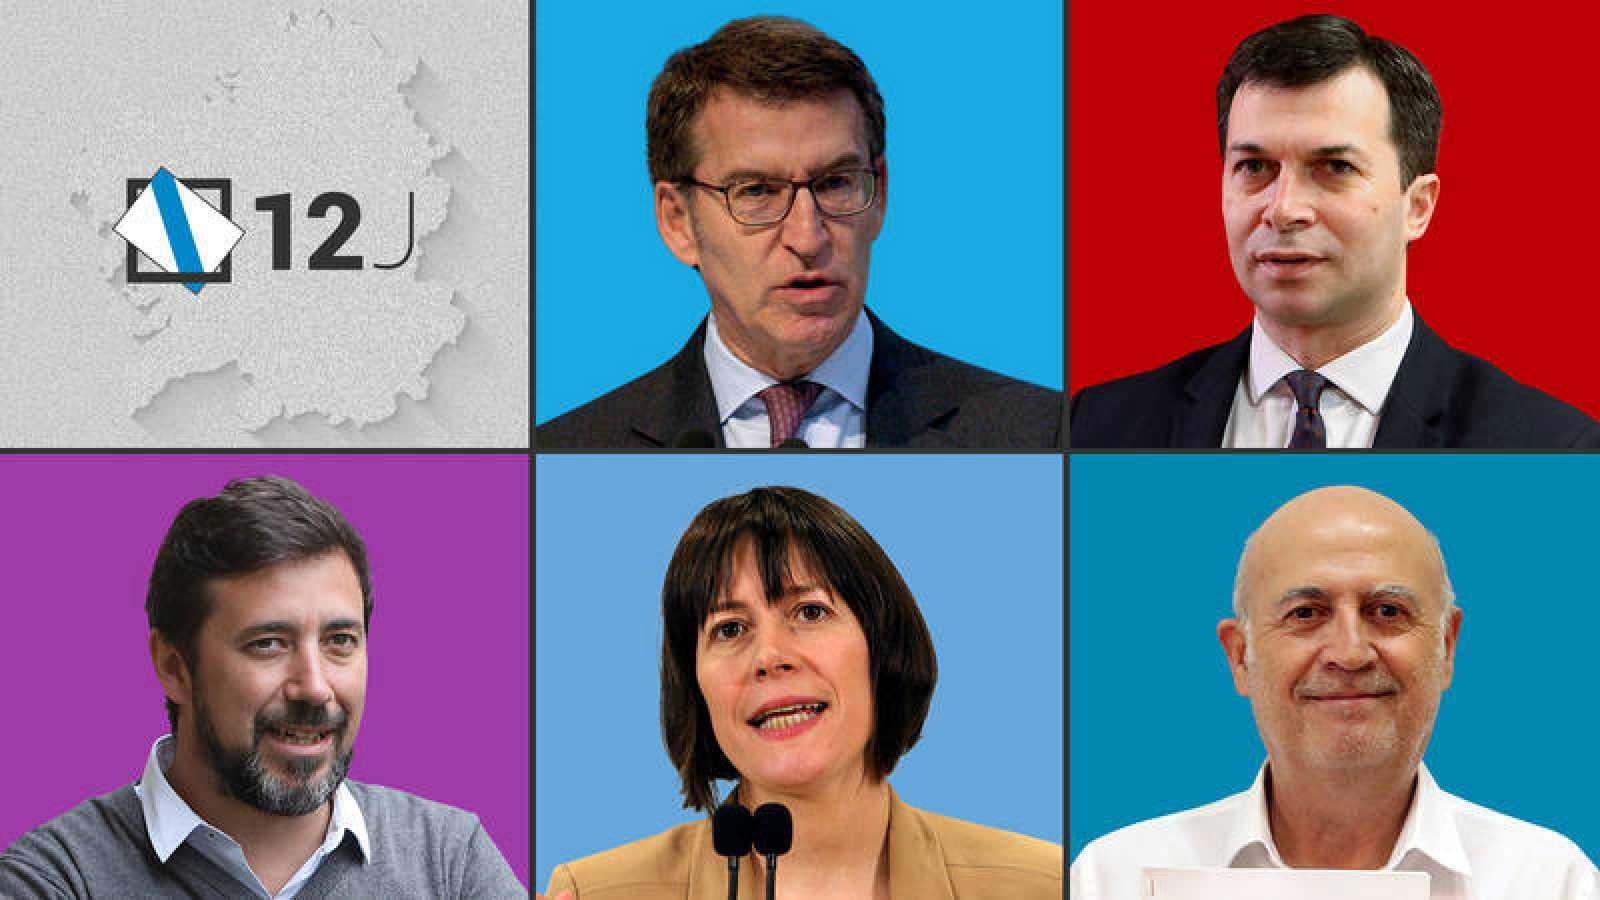 Candidatos elecciones en Galicia 2020